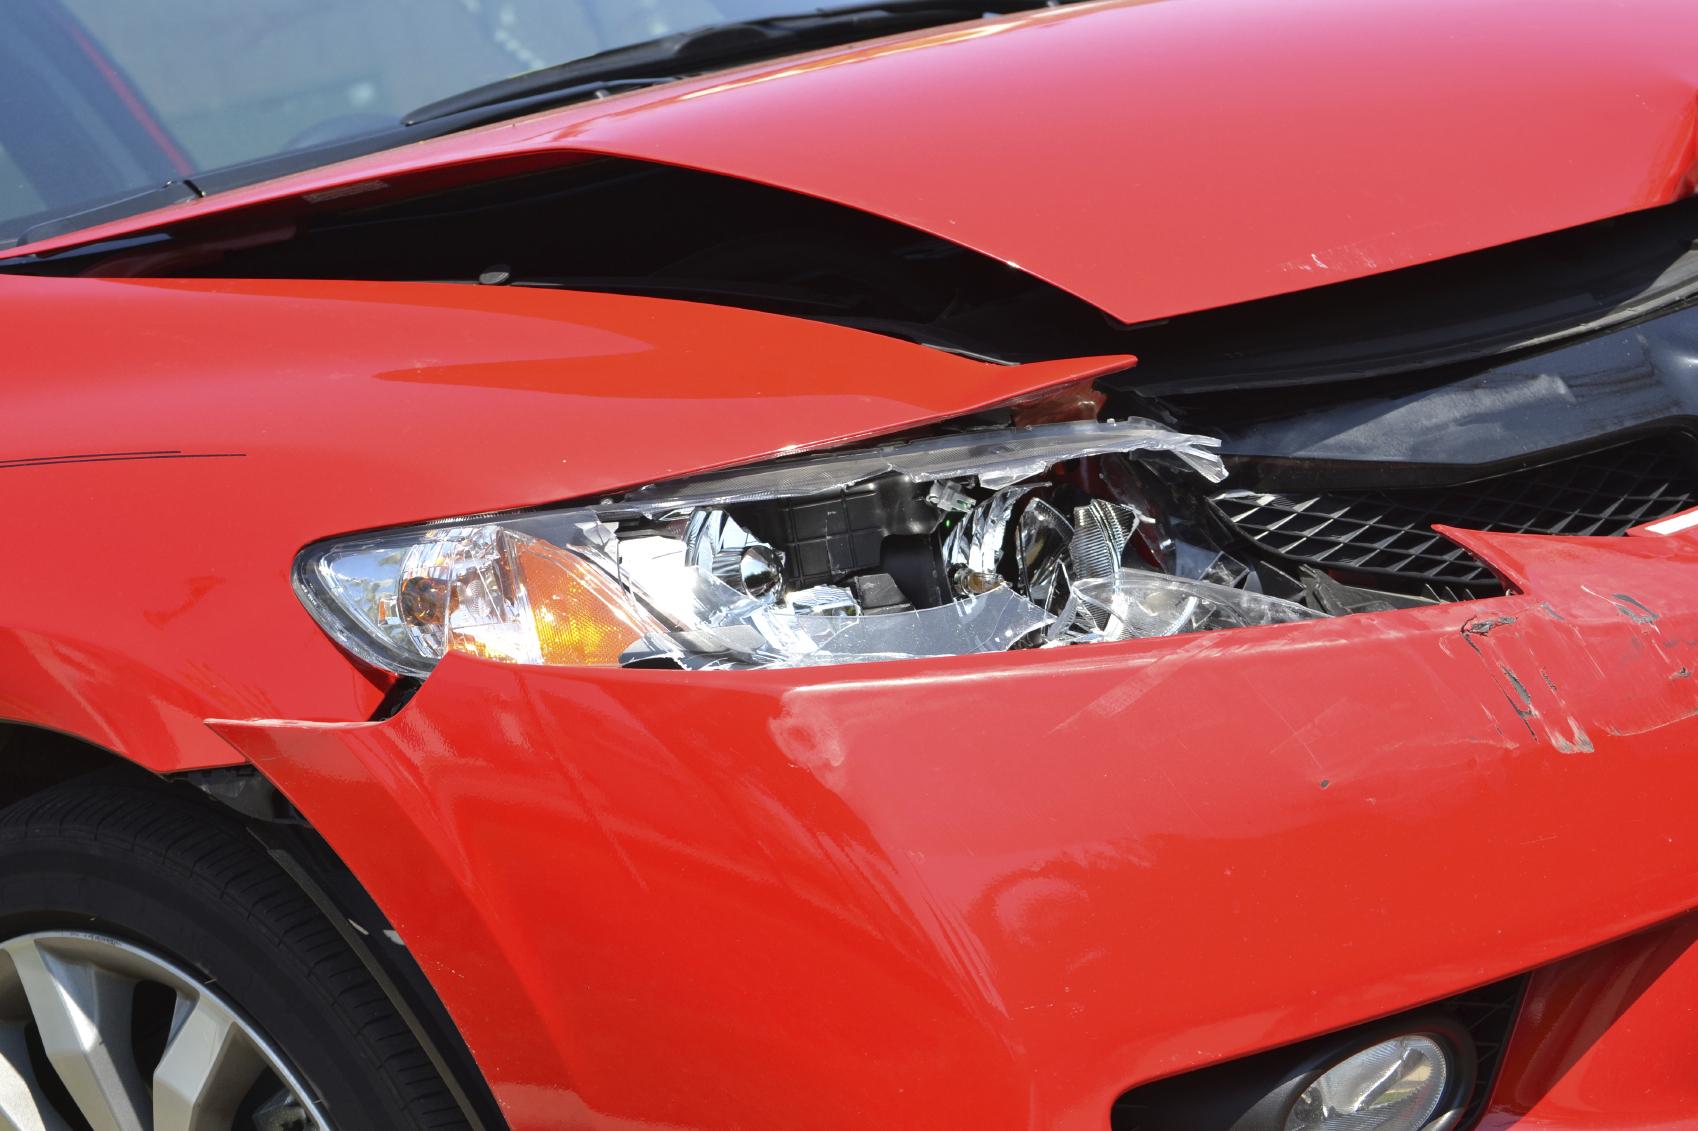 Why Choose Moran Collision Repair?